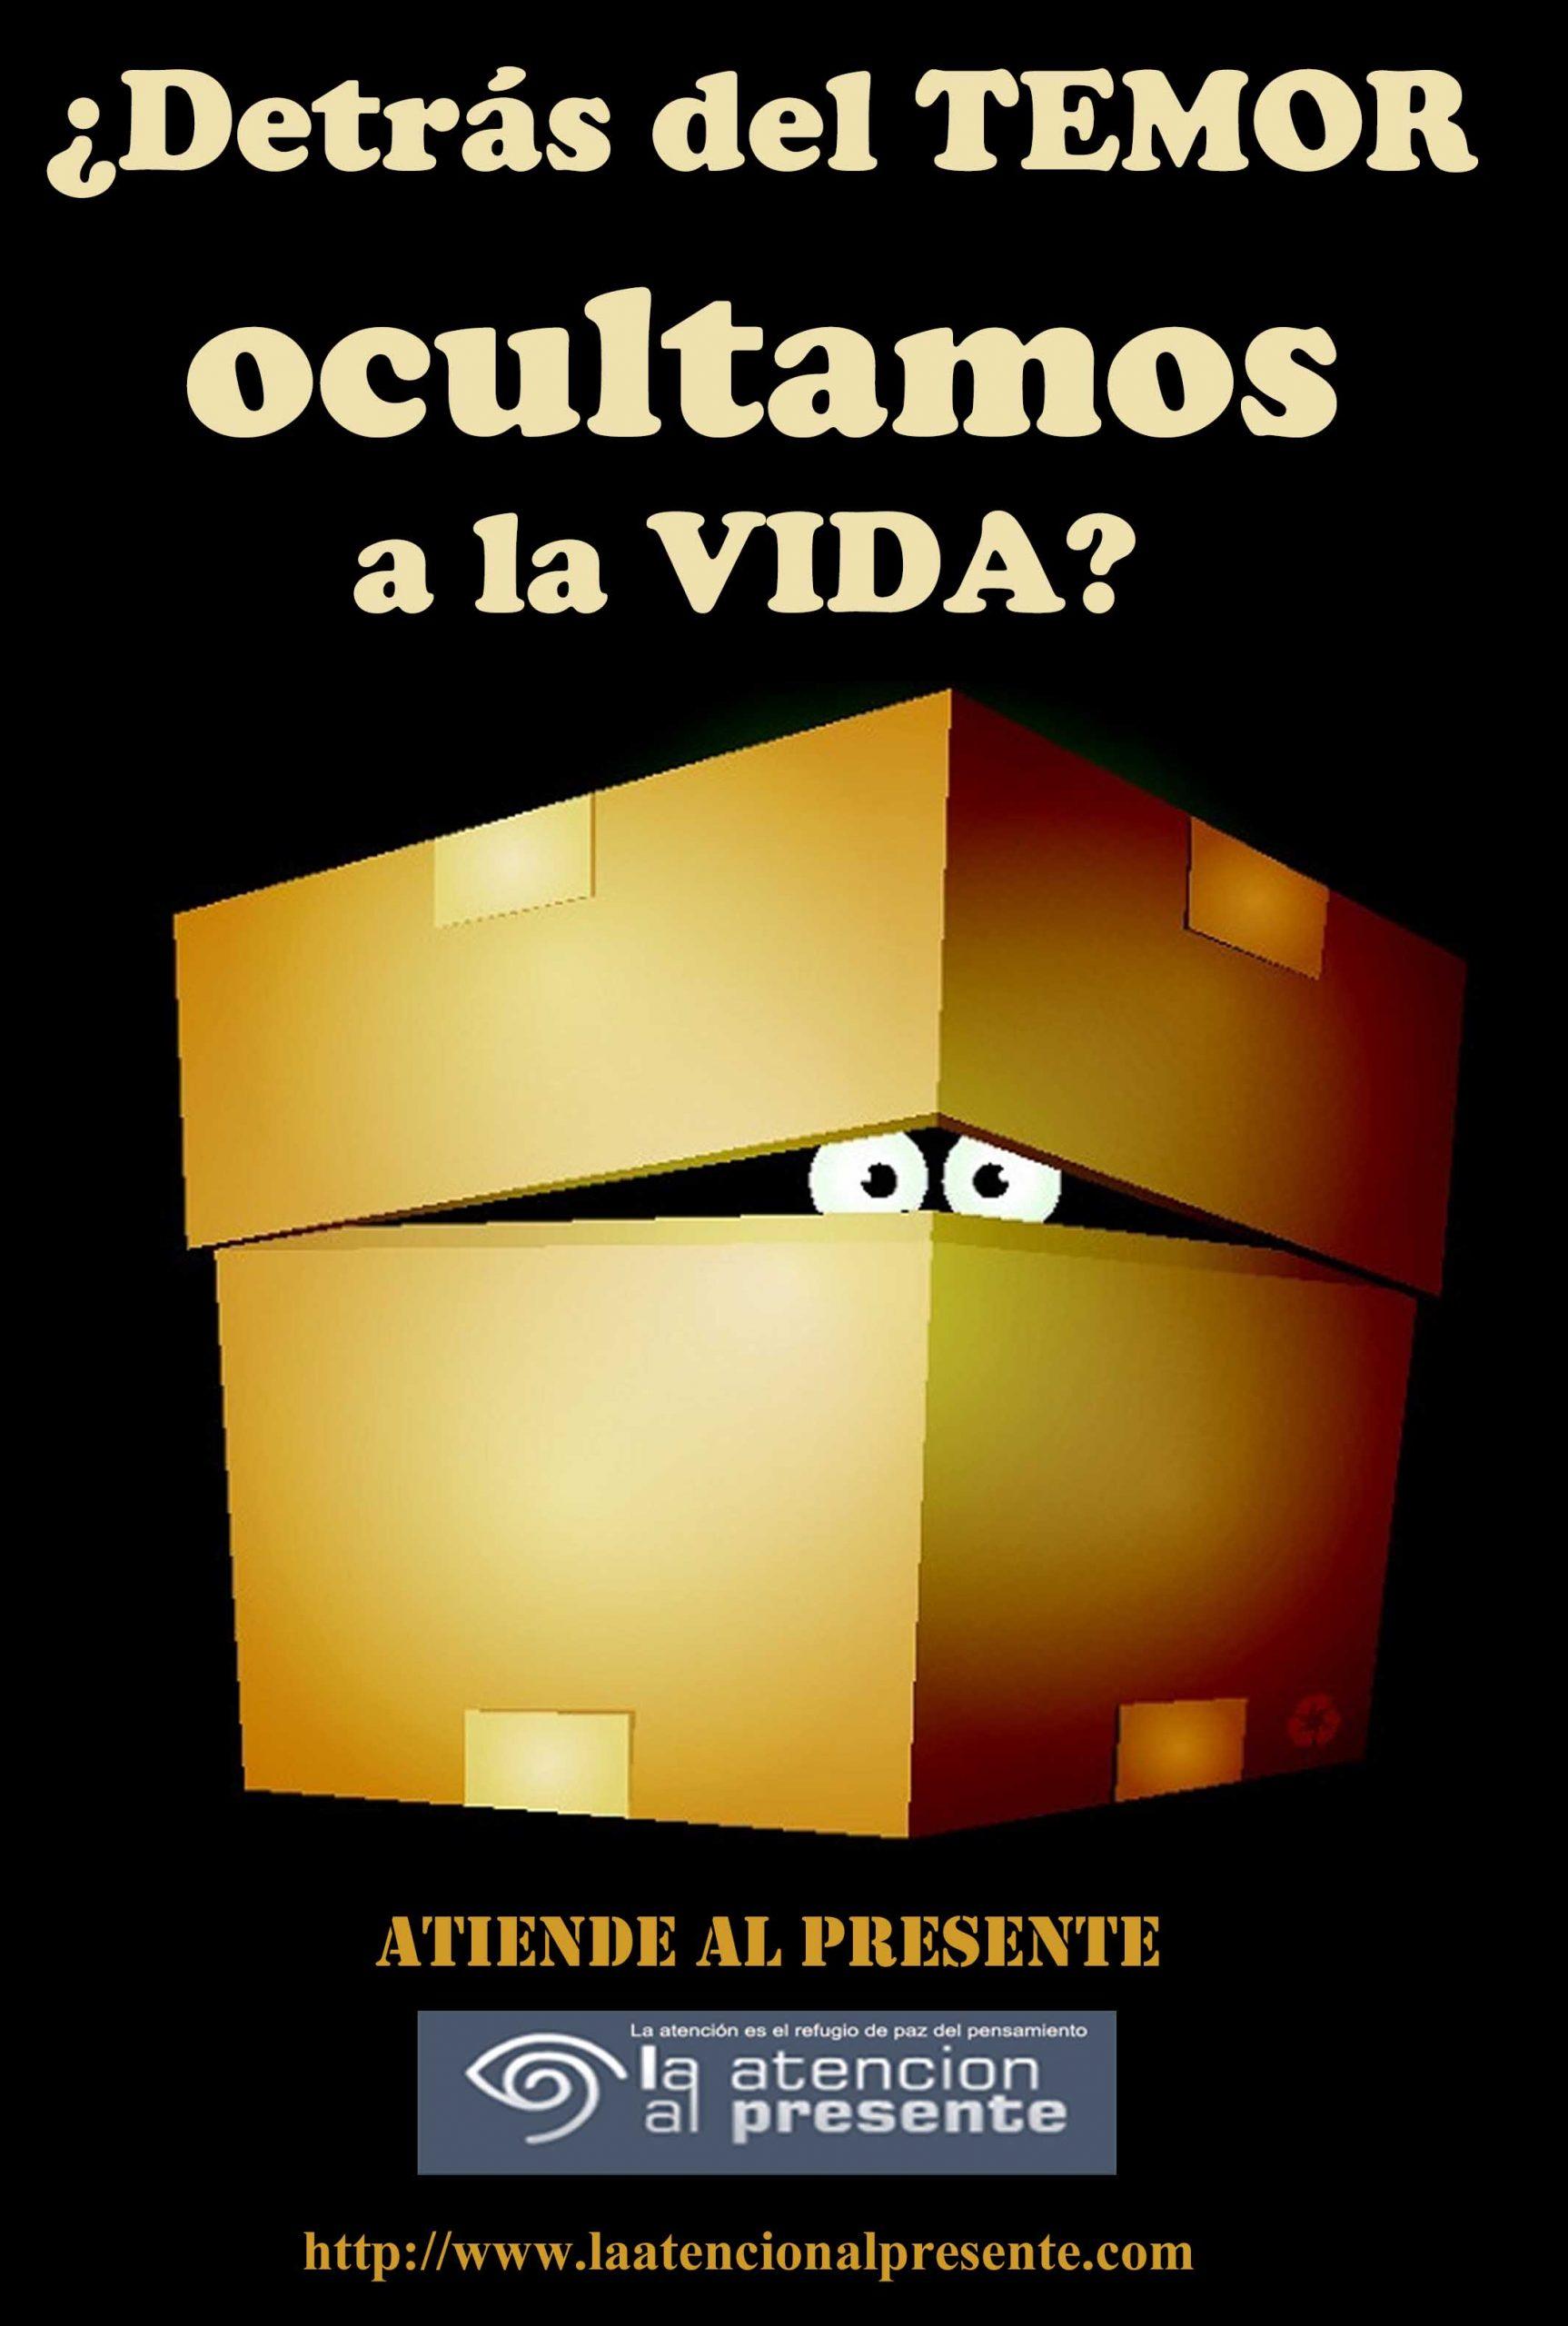 9 de Julio Esteban Esteban Detras del TEMOR ocultamos a la VIDA min scaled